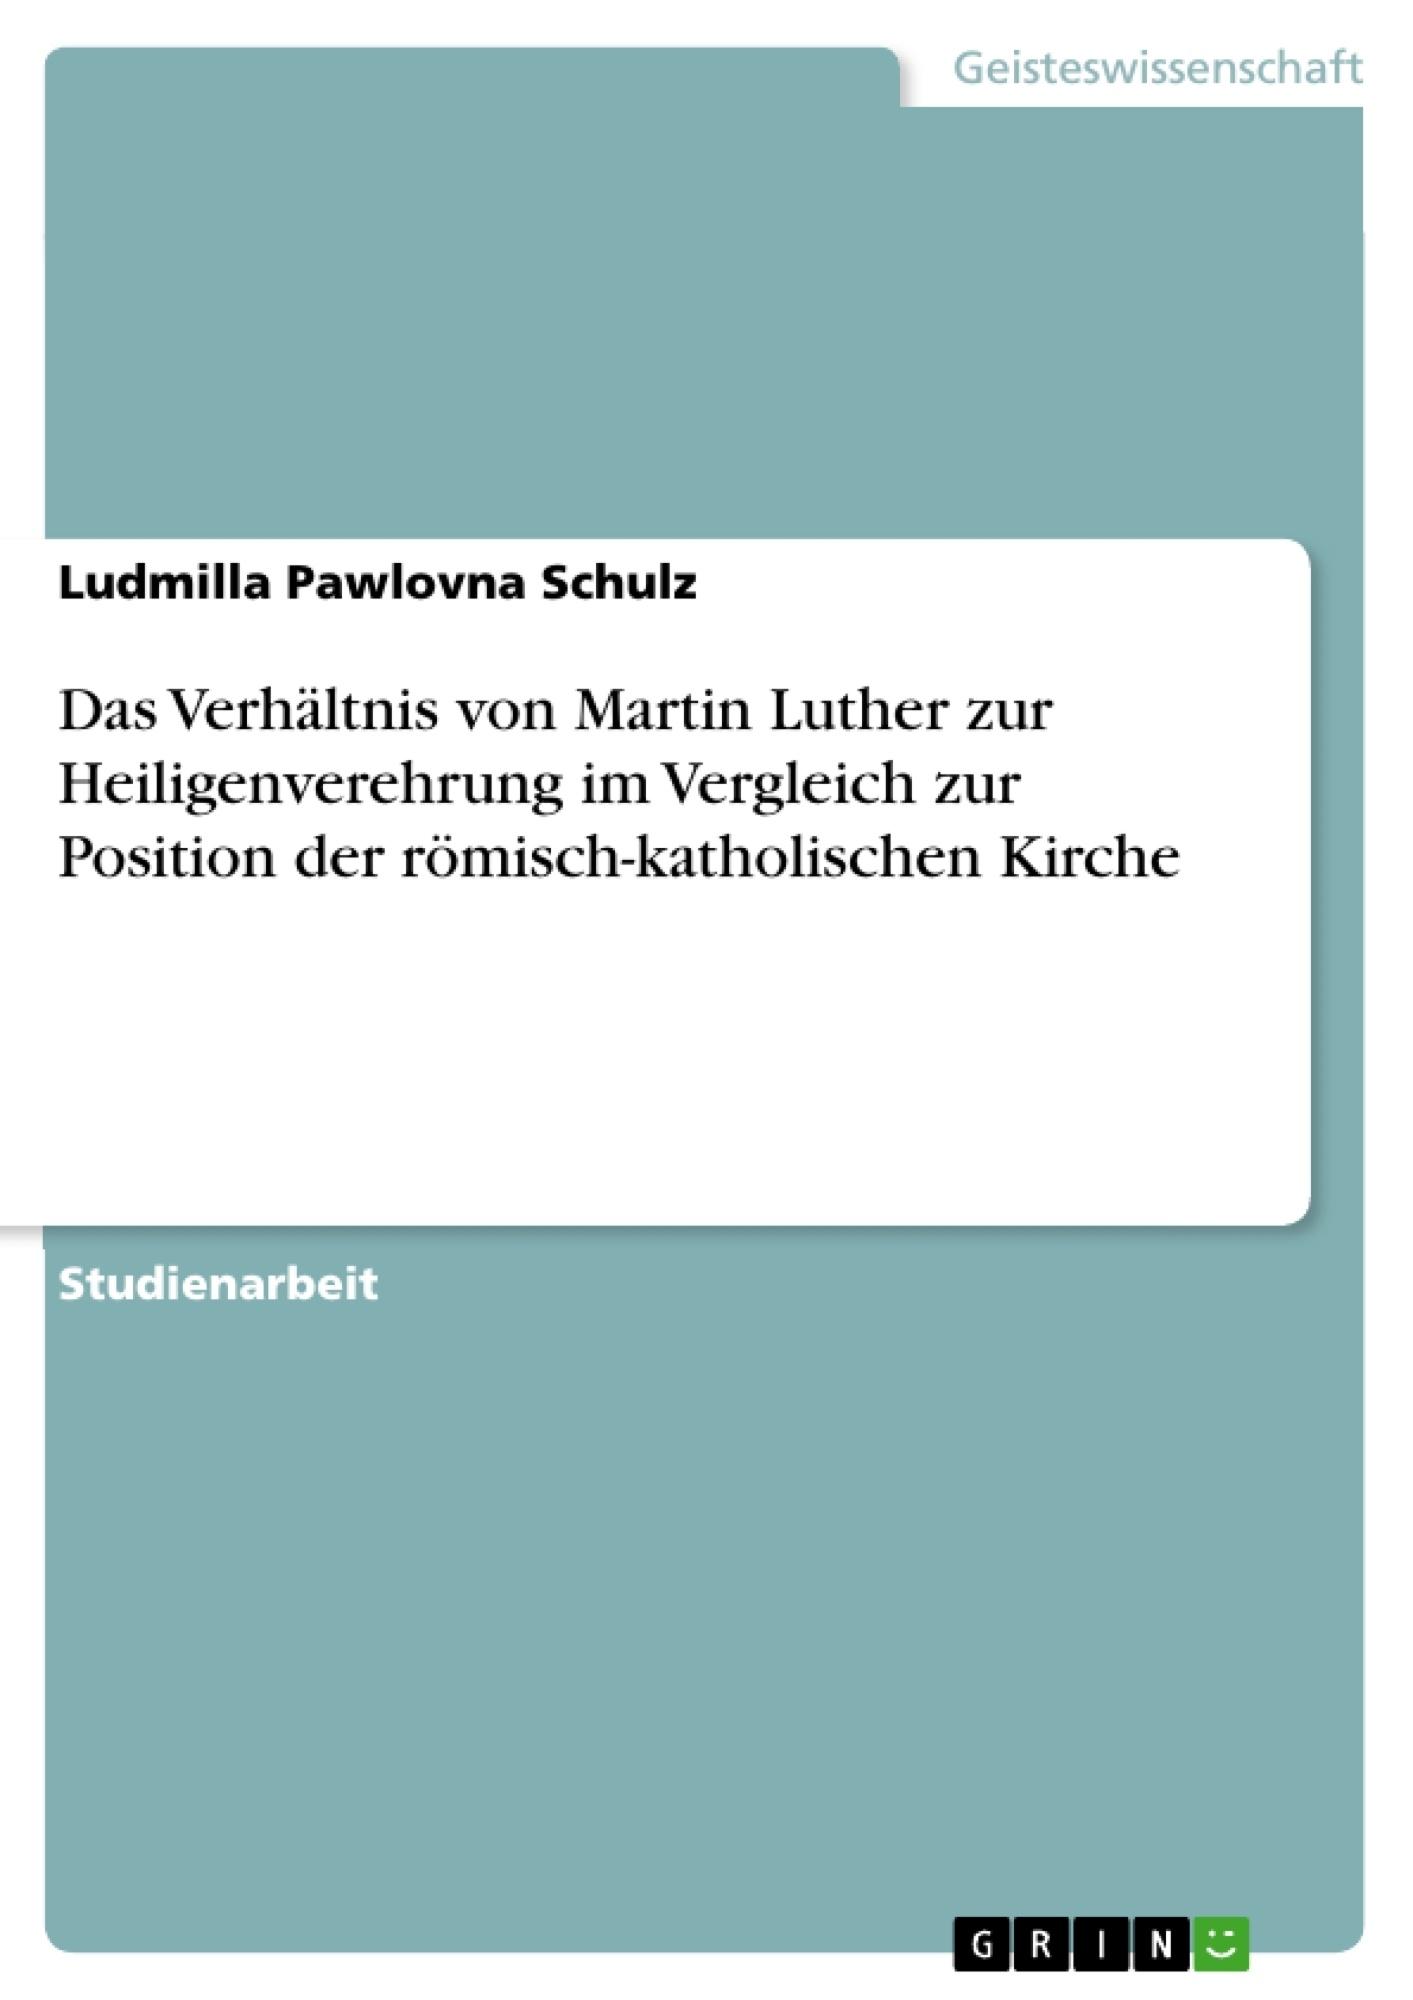 Titel: Das Verhältnis von Martin Luther zur Heiligenverehrung im Vergleich zur Position der römisch-katholischen Kirche